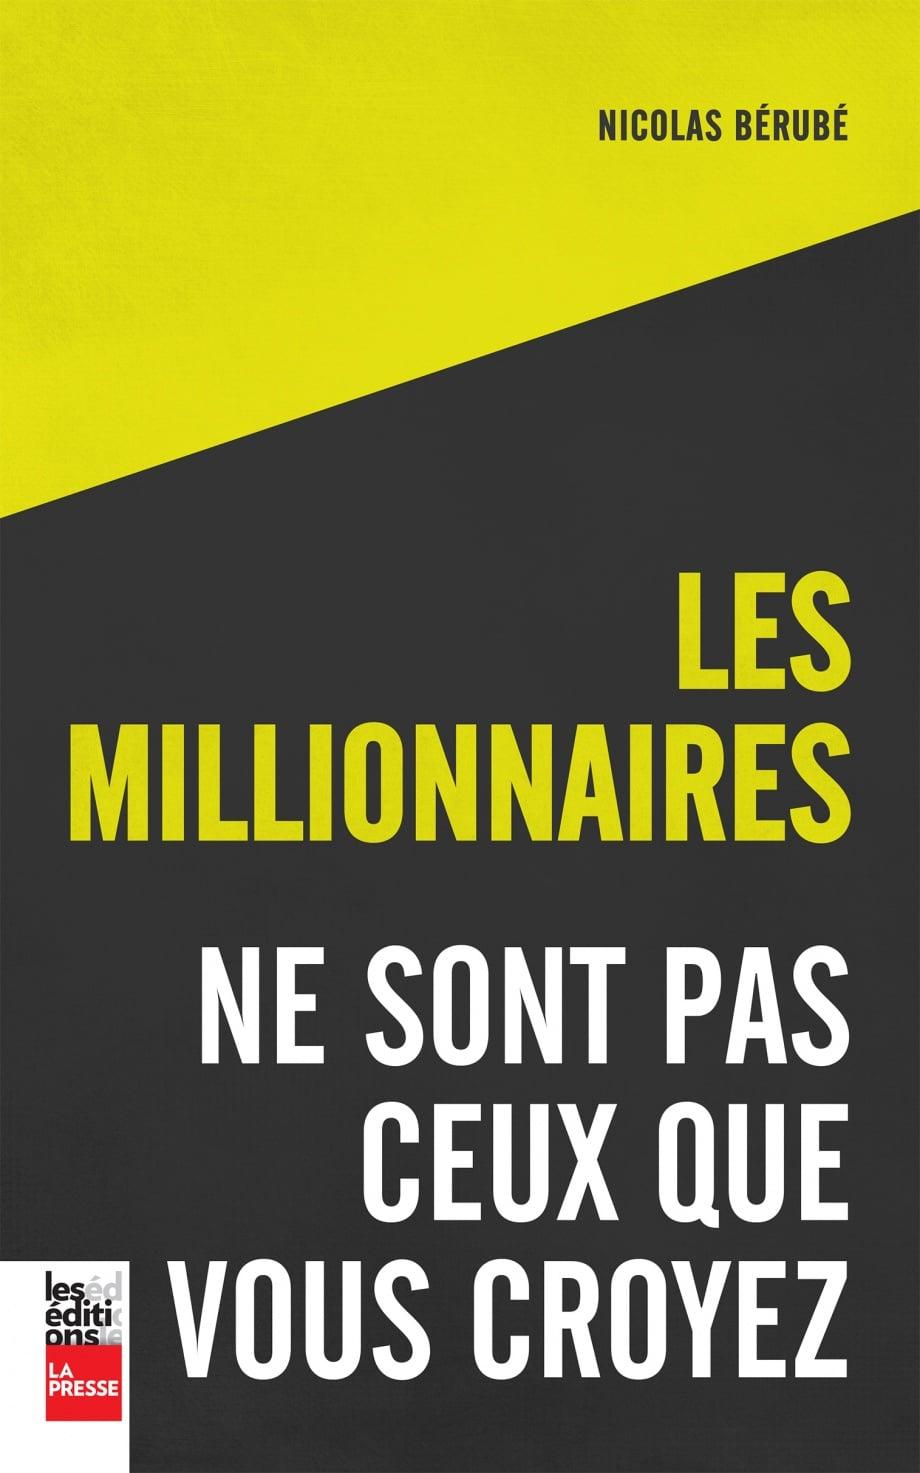 Suggestions lecture : Les millionnaires ne sont pas ceux que vous croyez